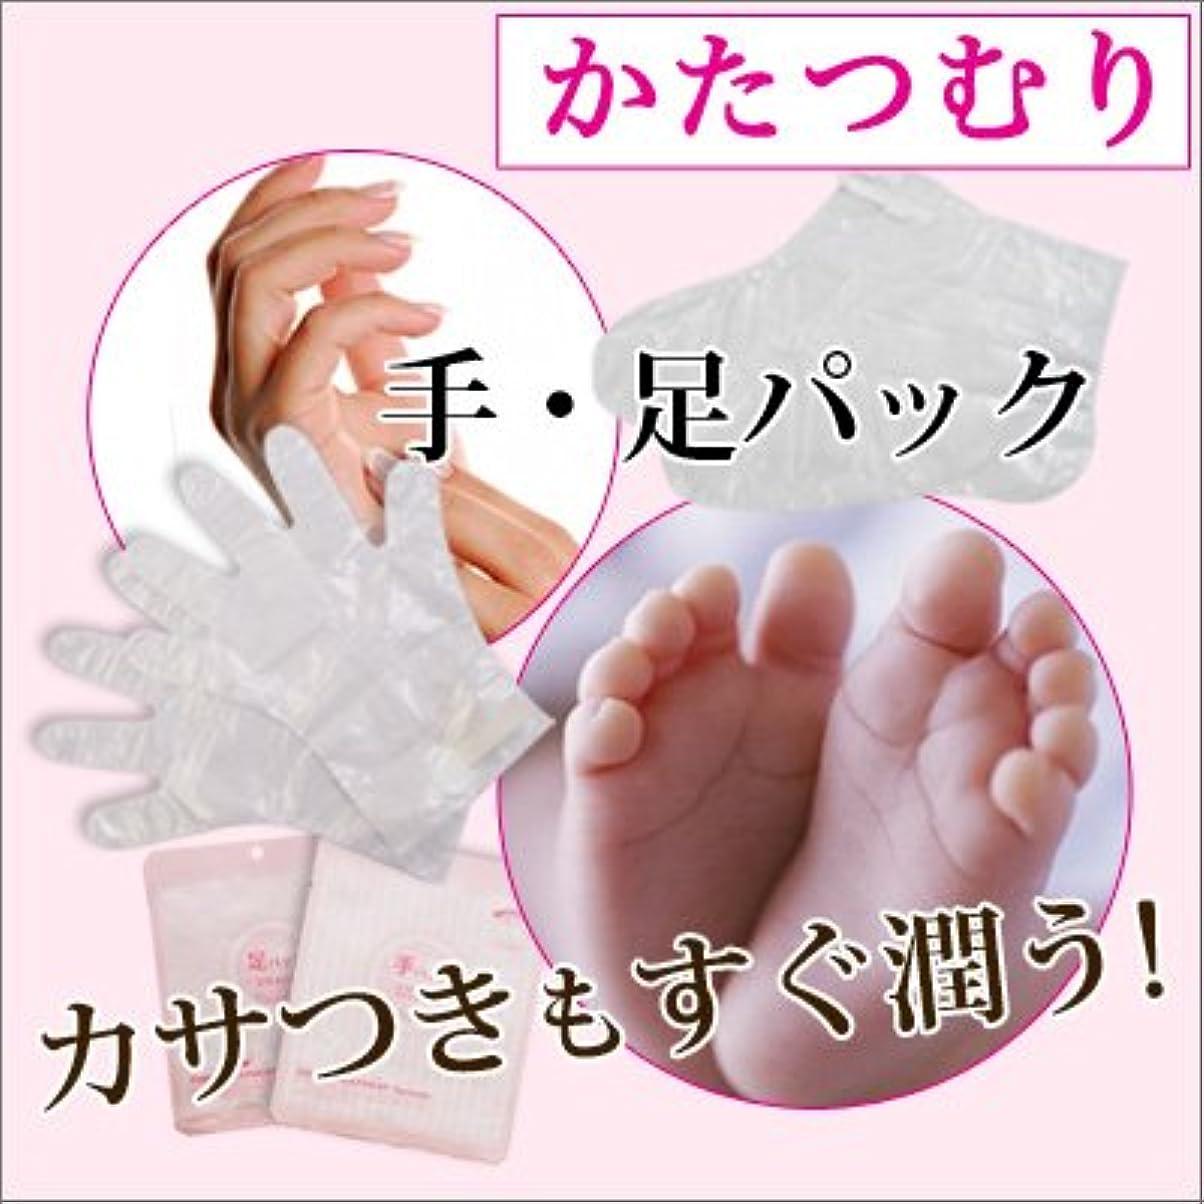 思い出させる解説豆腐【かたつむり モイスト フット&ハンド パック 2種類×5枚】